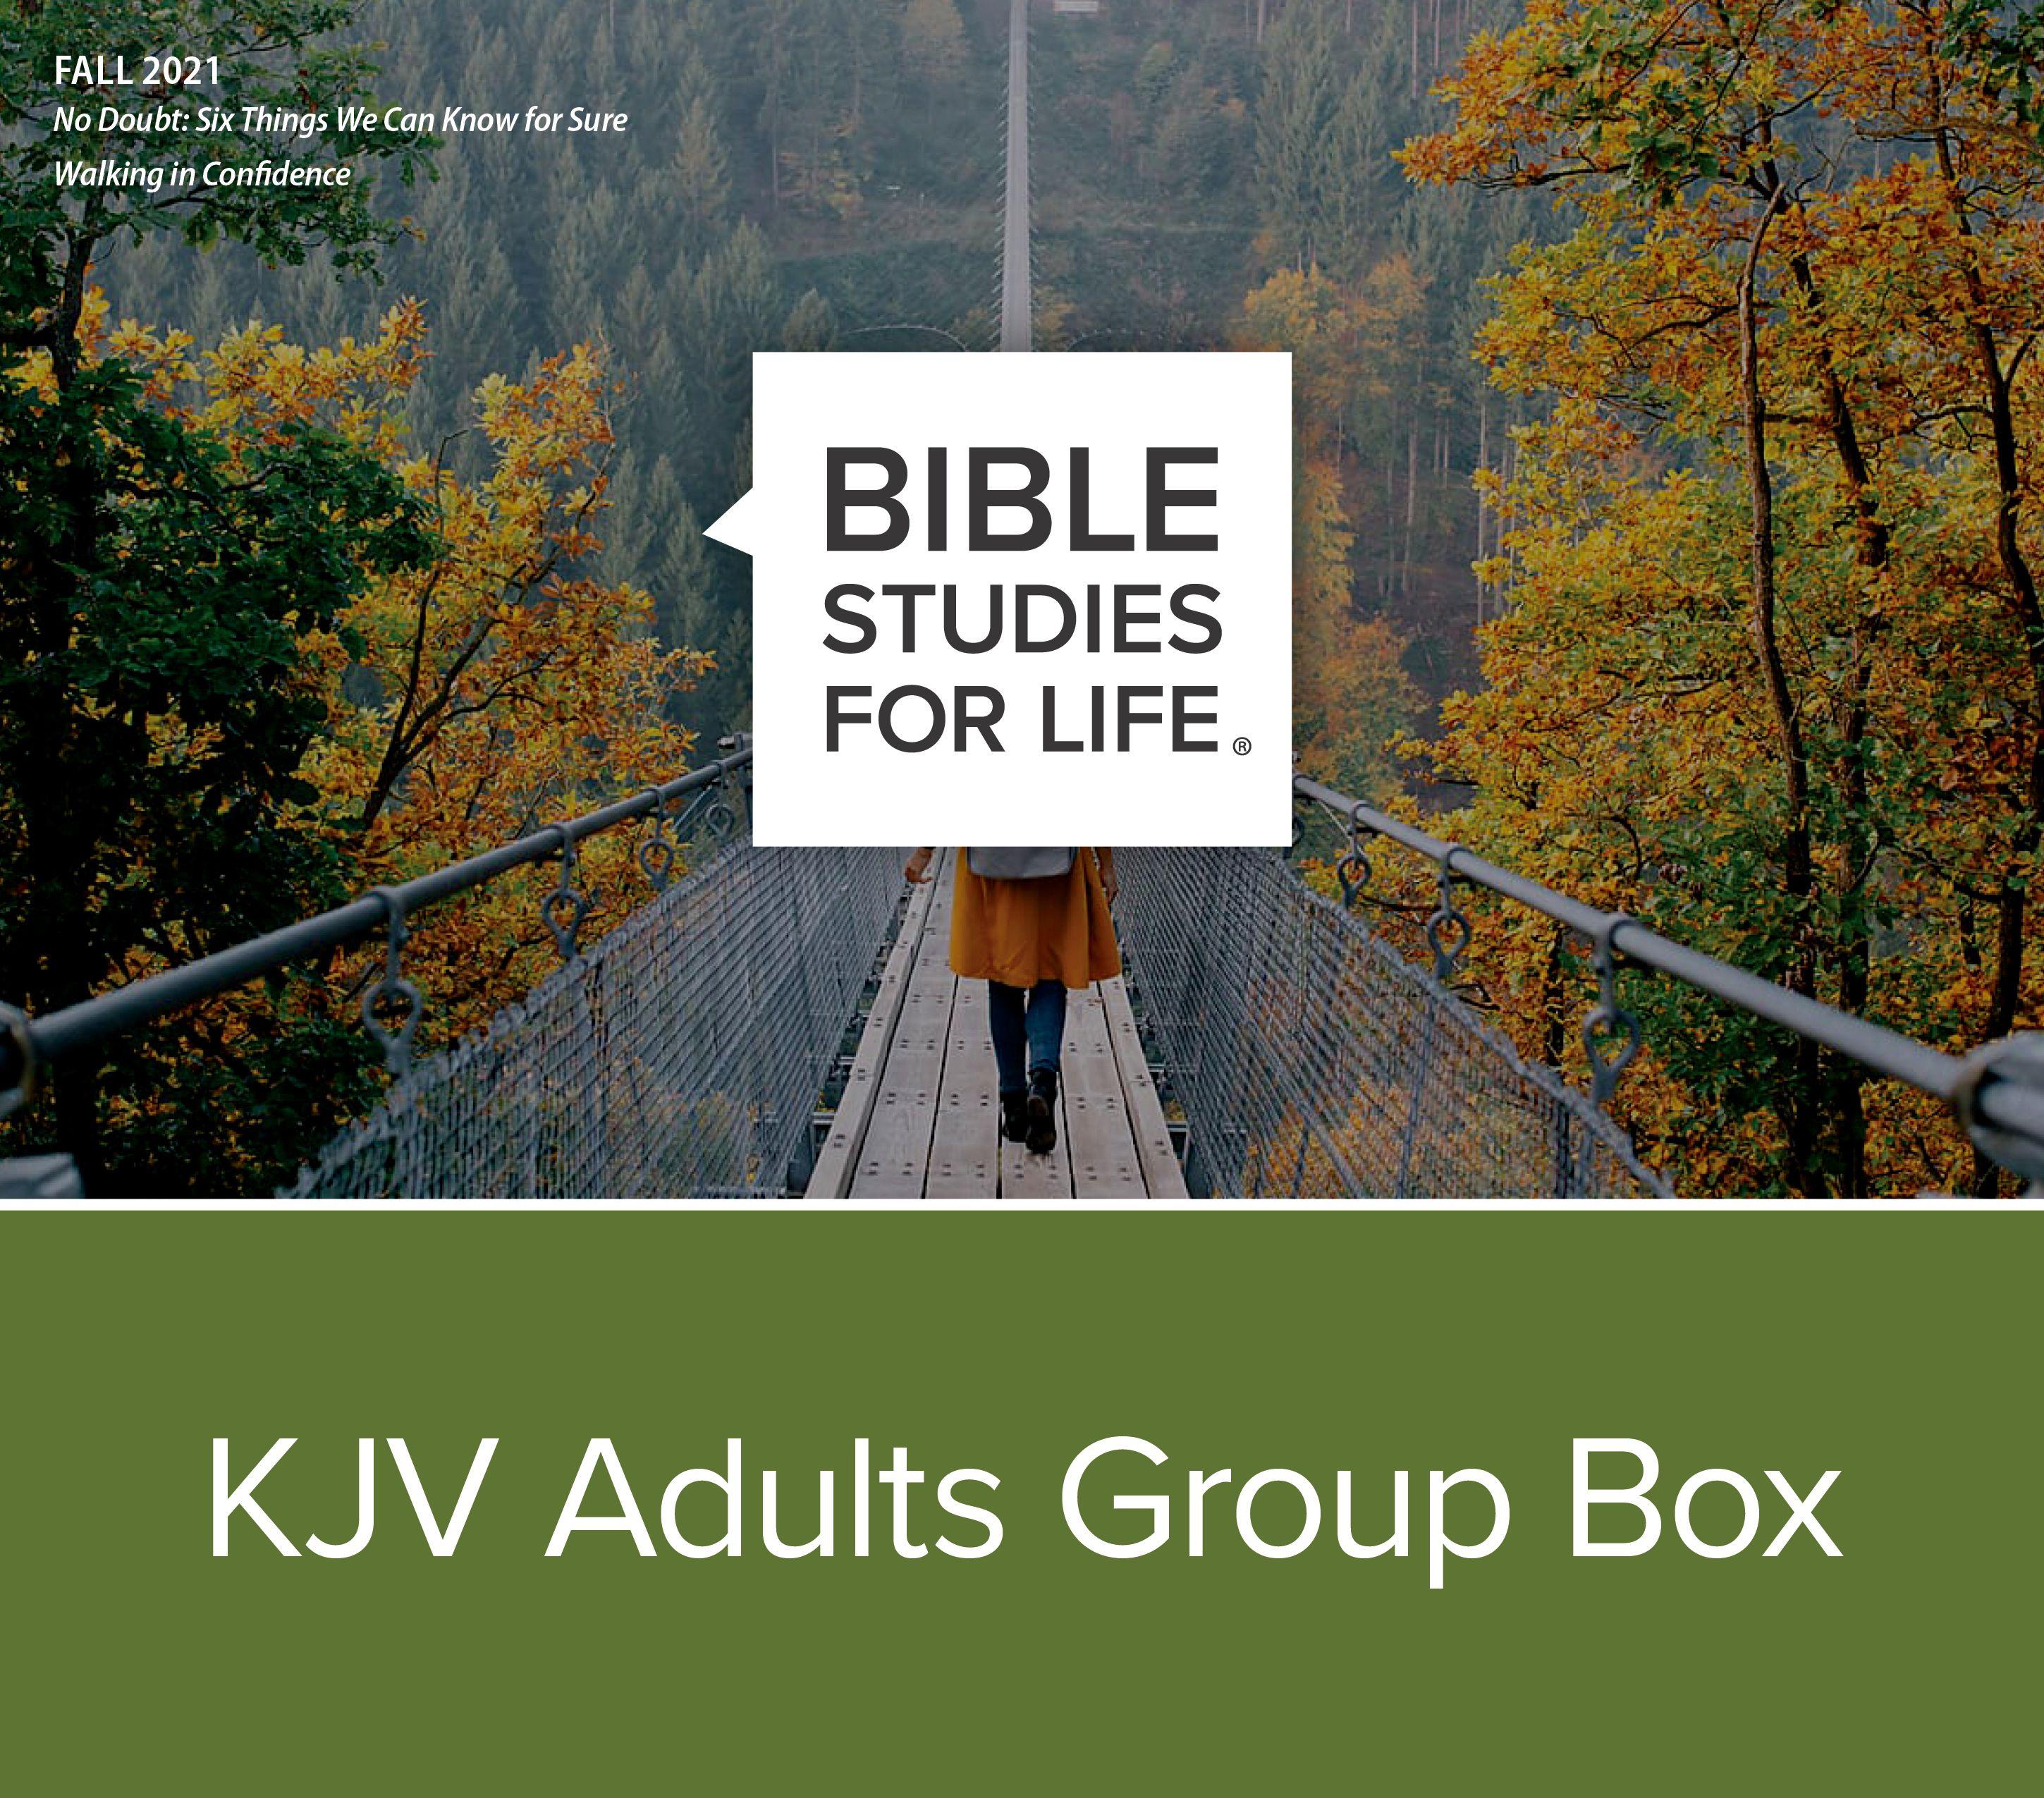 Adults Group Box